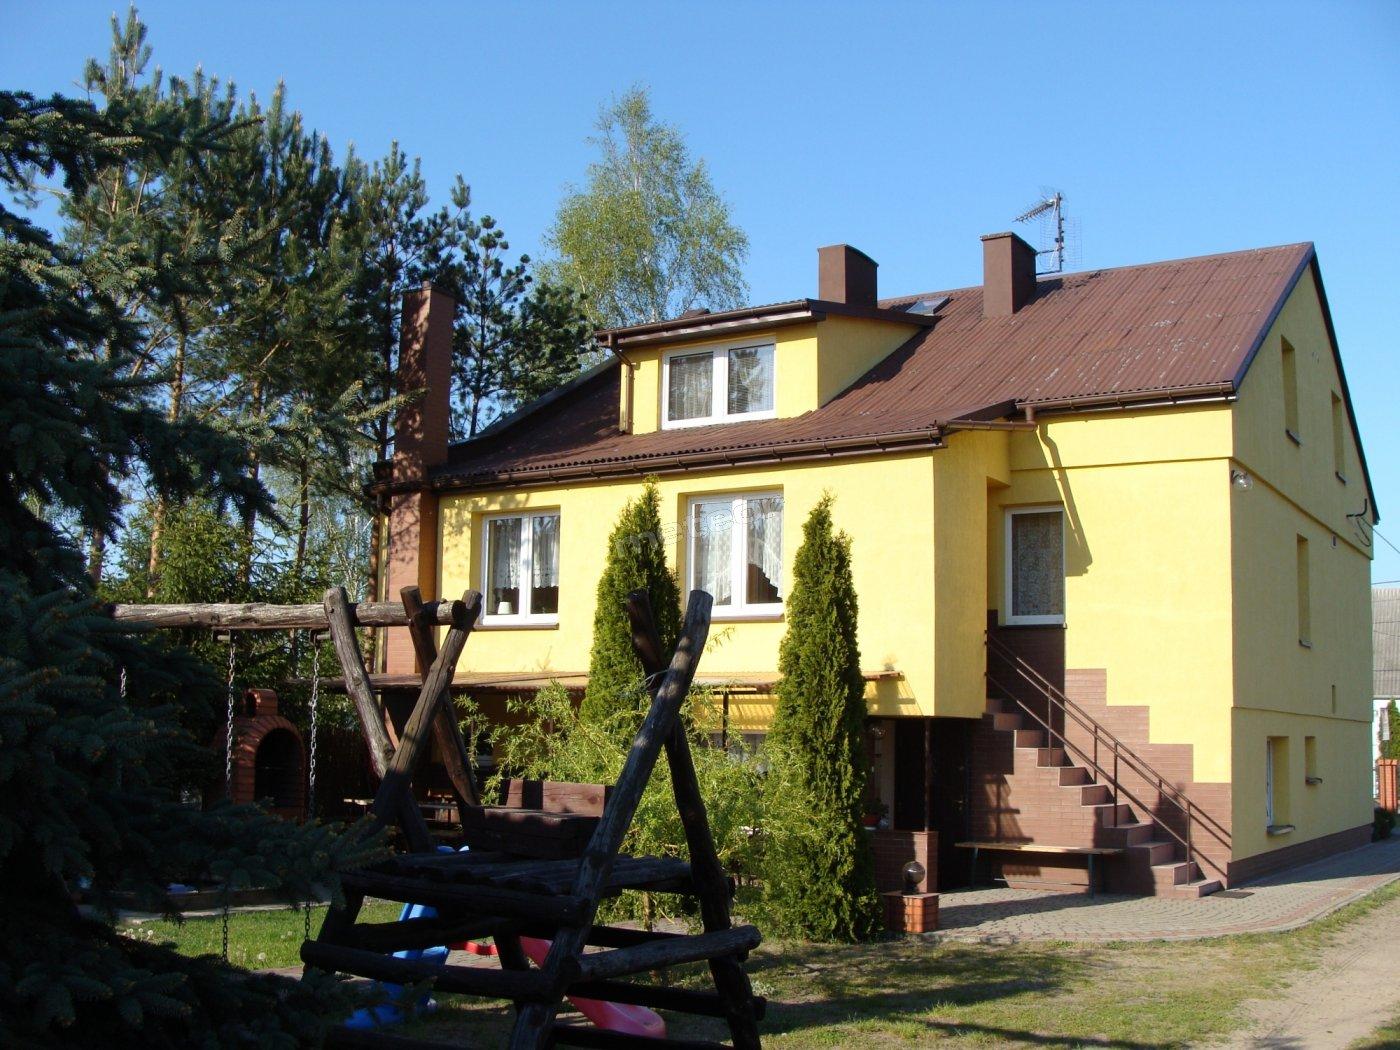 Dom Noclegowy Aga - widok od podwórka.